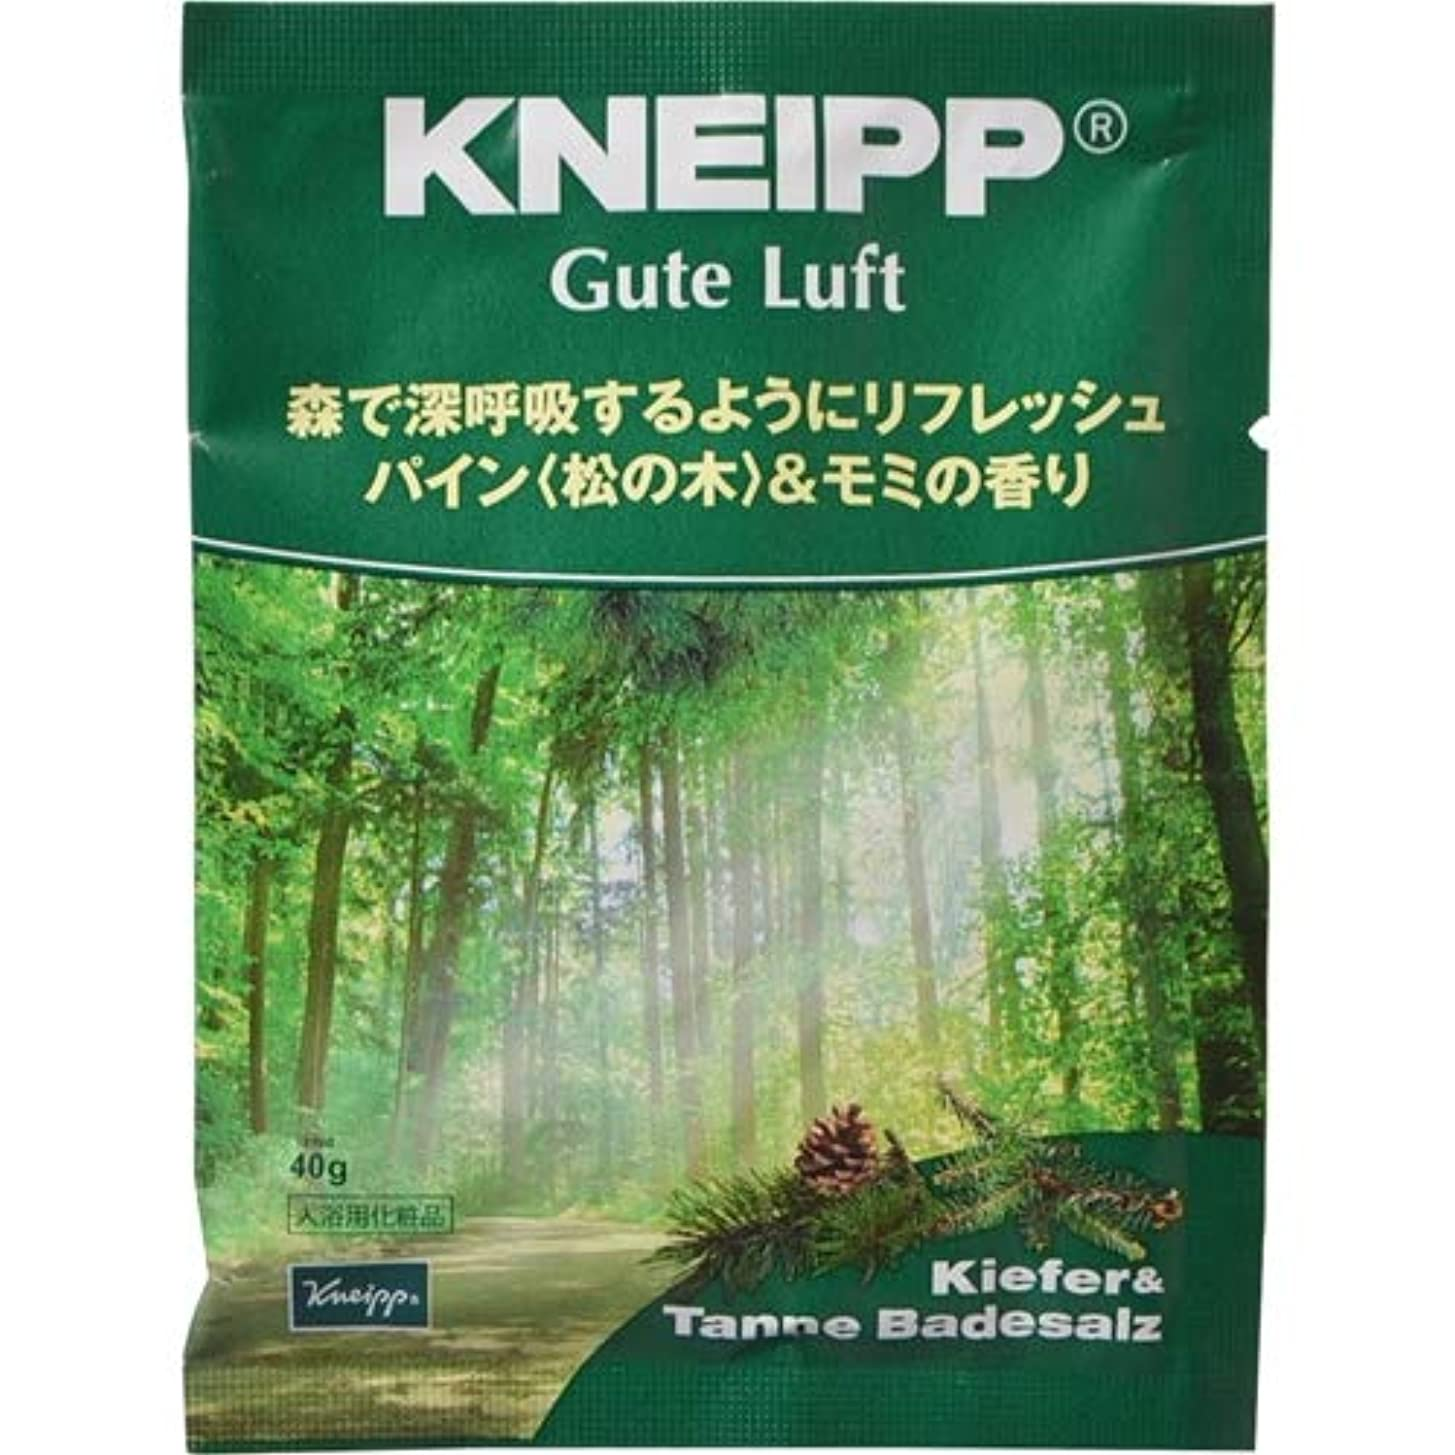 段落シダ書くクナイプ?ジャパン クナイプ グーテルフト バスソルト パイン<松の木>&モミの香り 40g